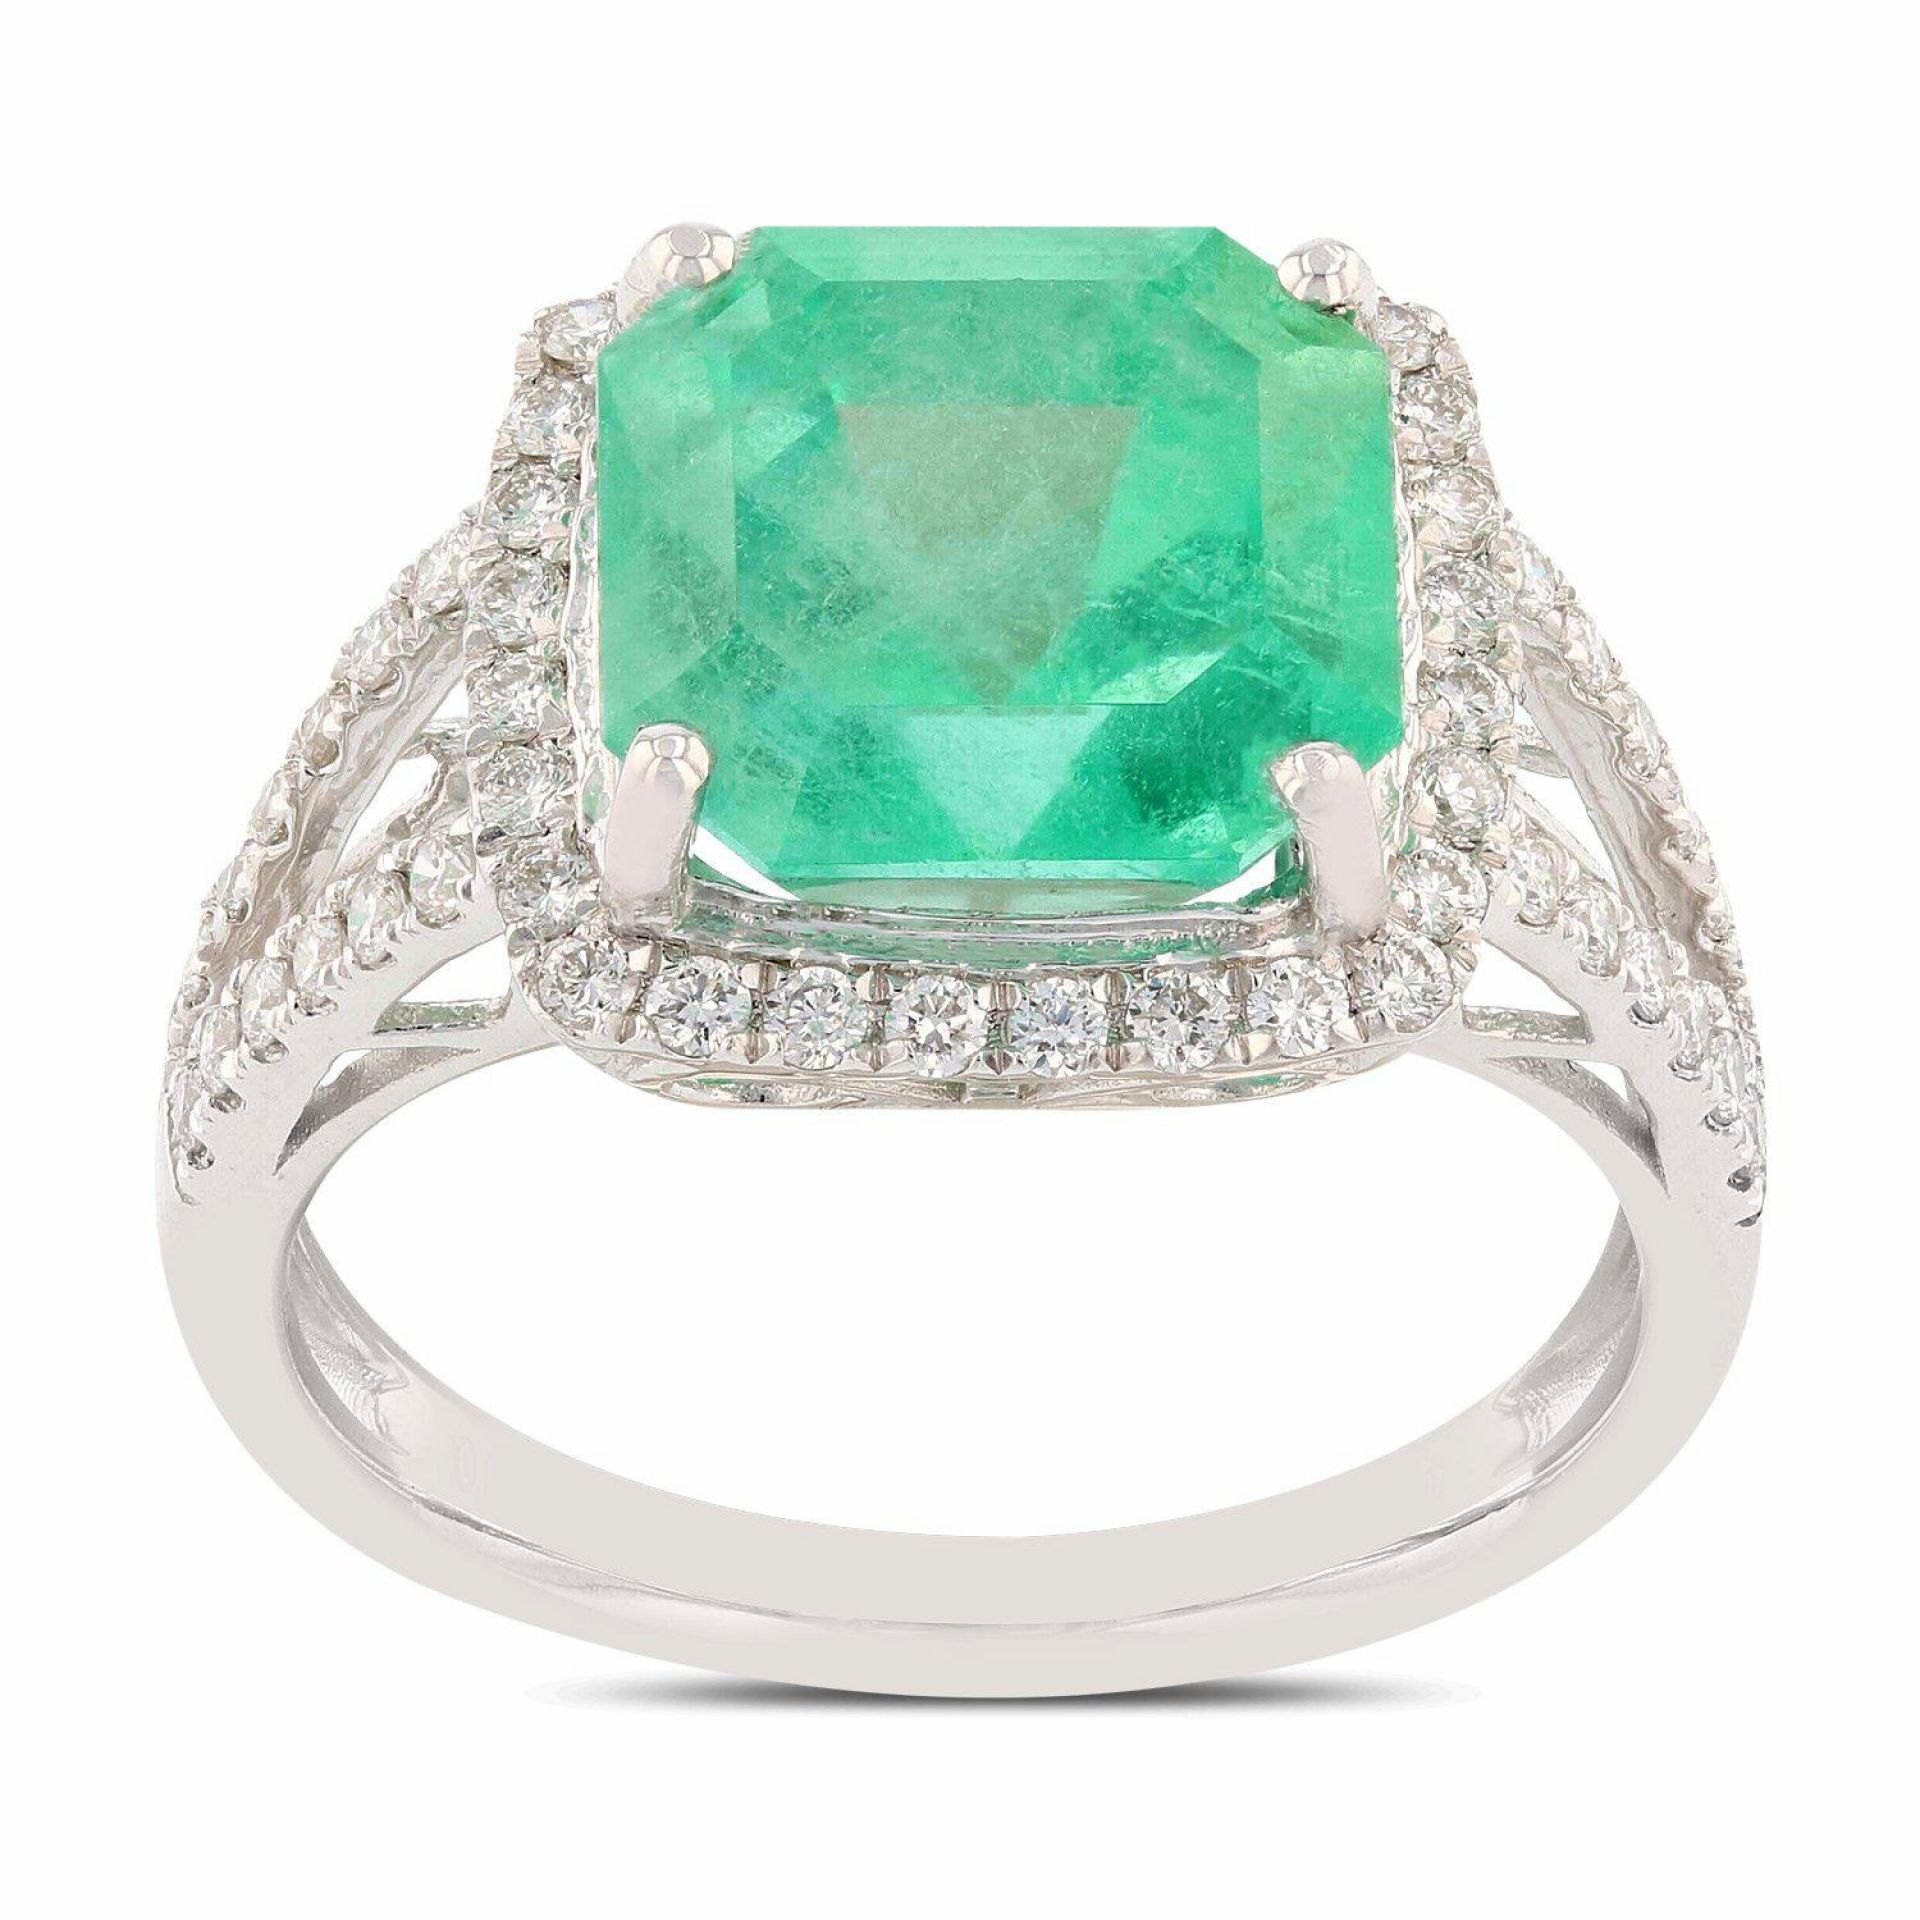 4.81ct Emerald and 0.44ctw Diamond Platinum Ring